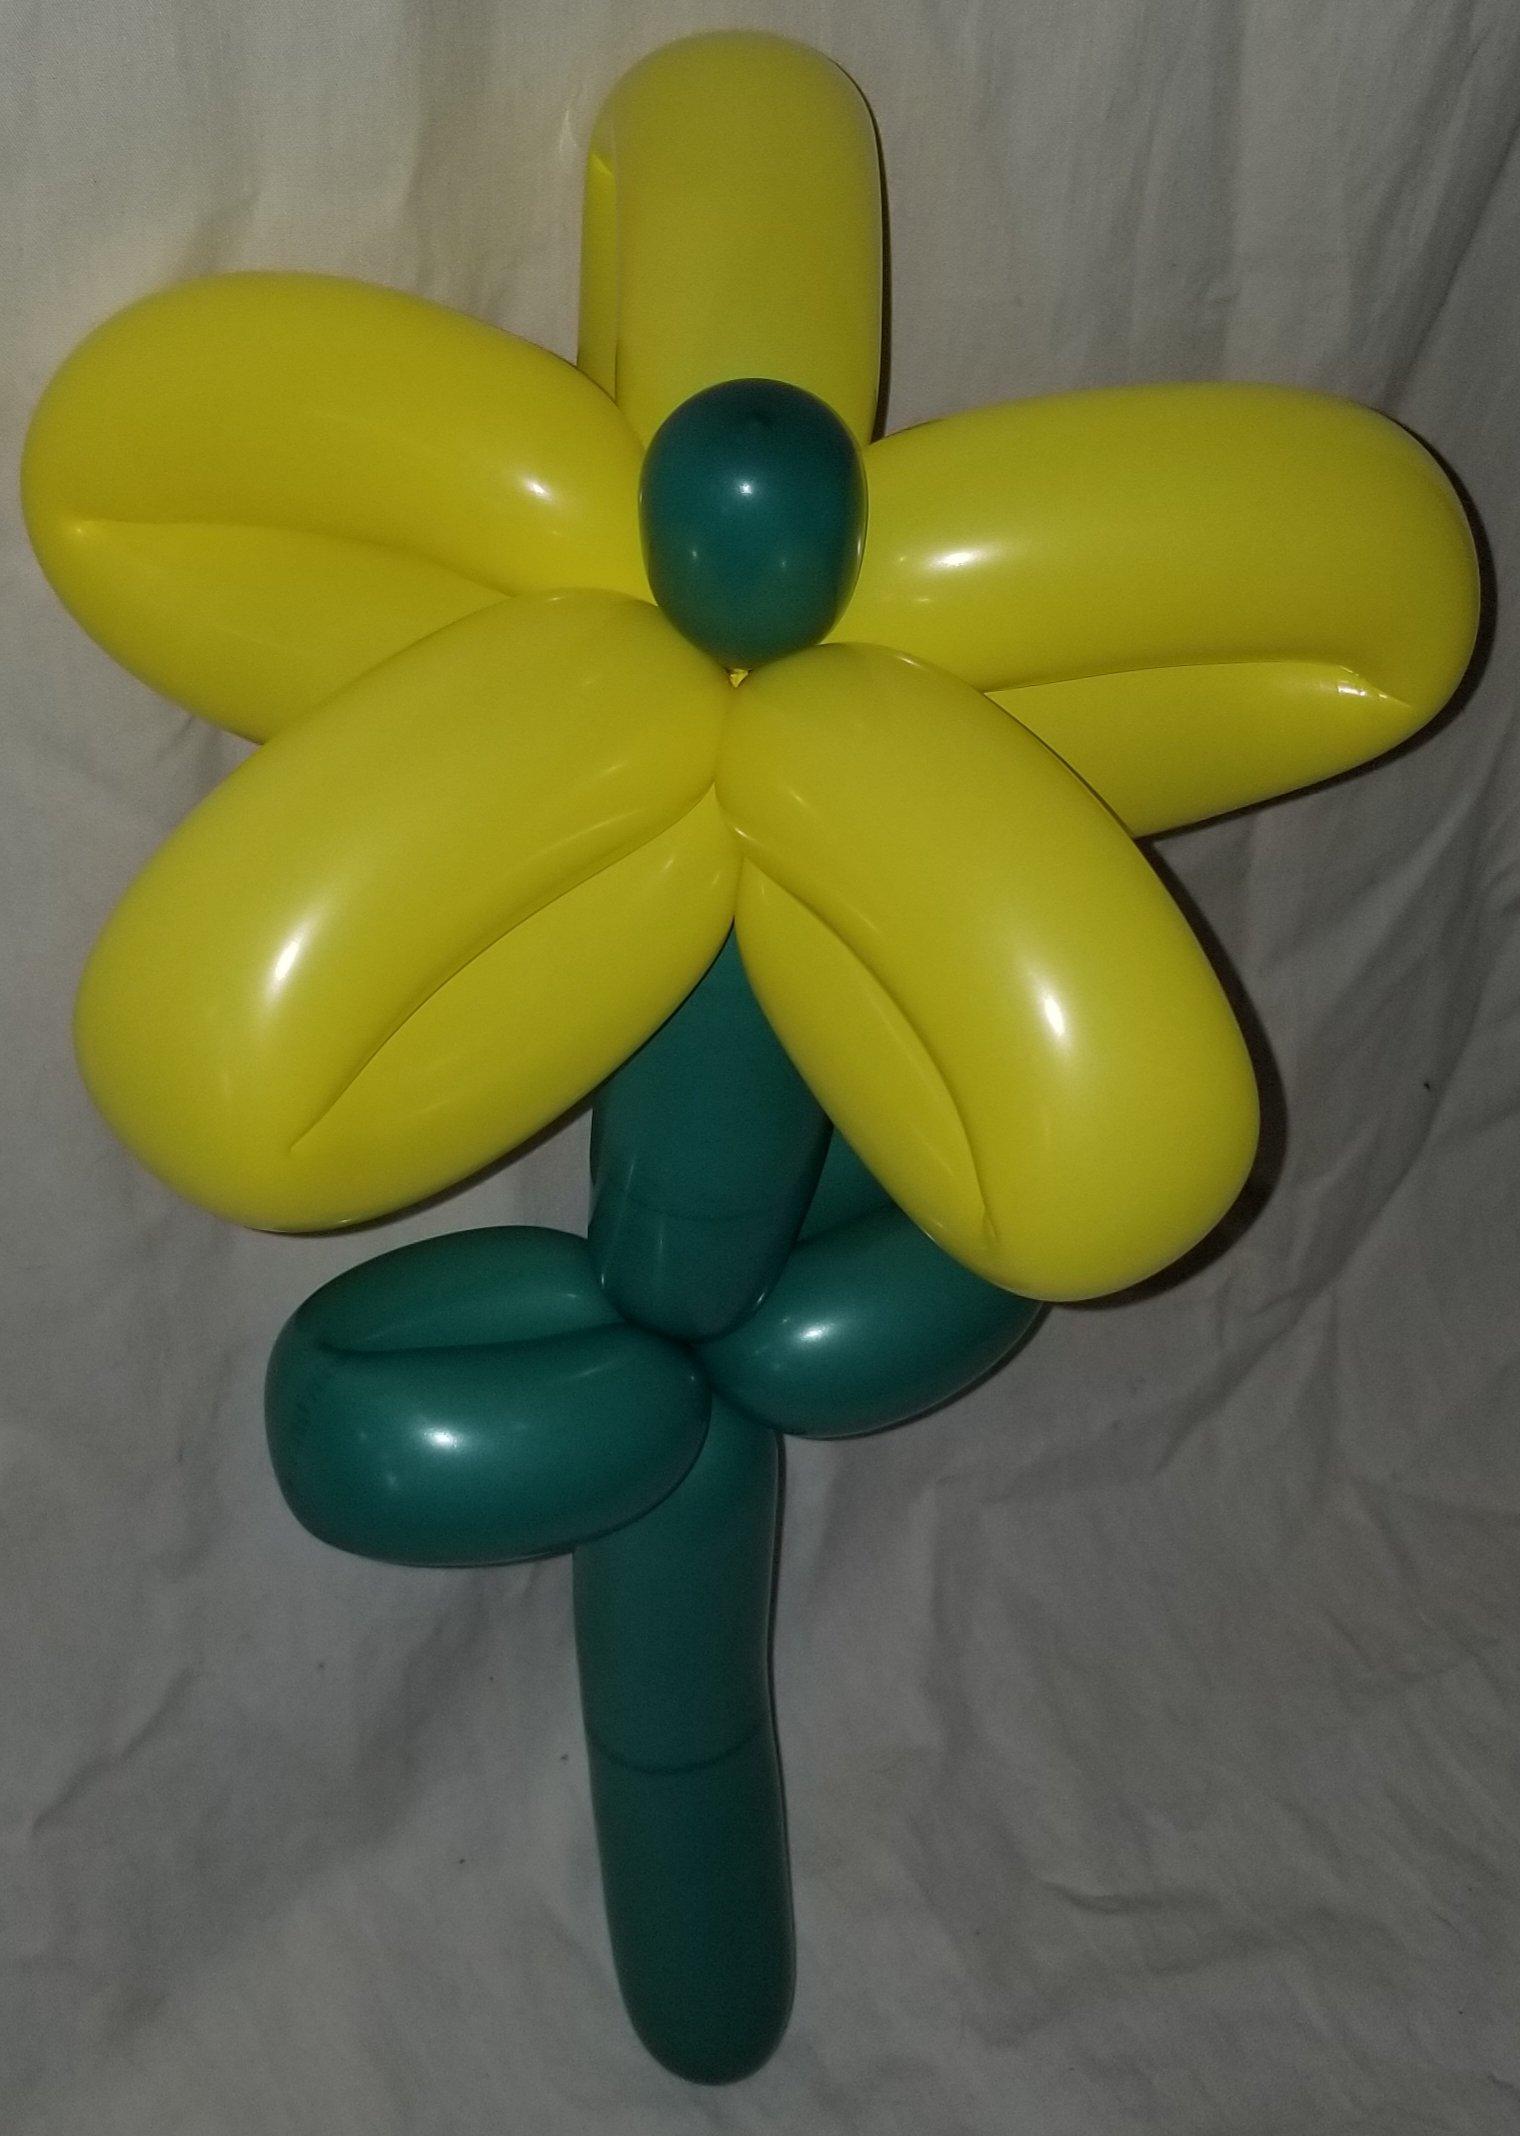 いつつ花のバルーンアート